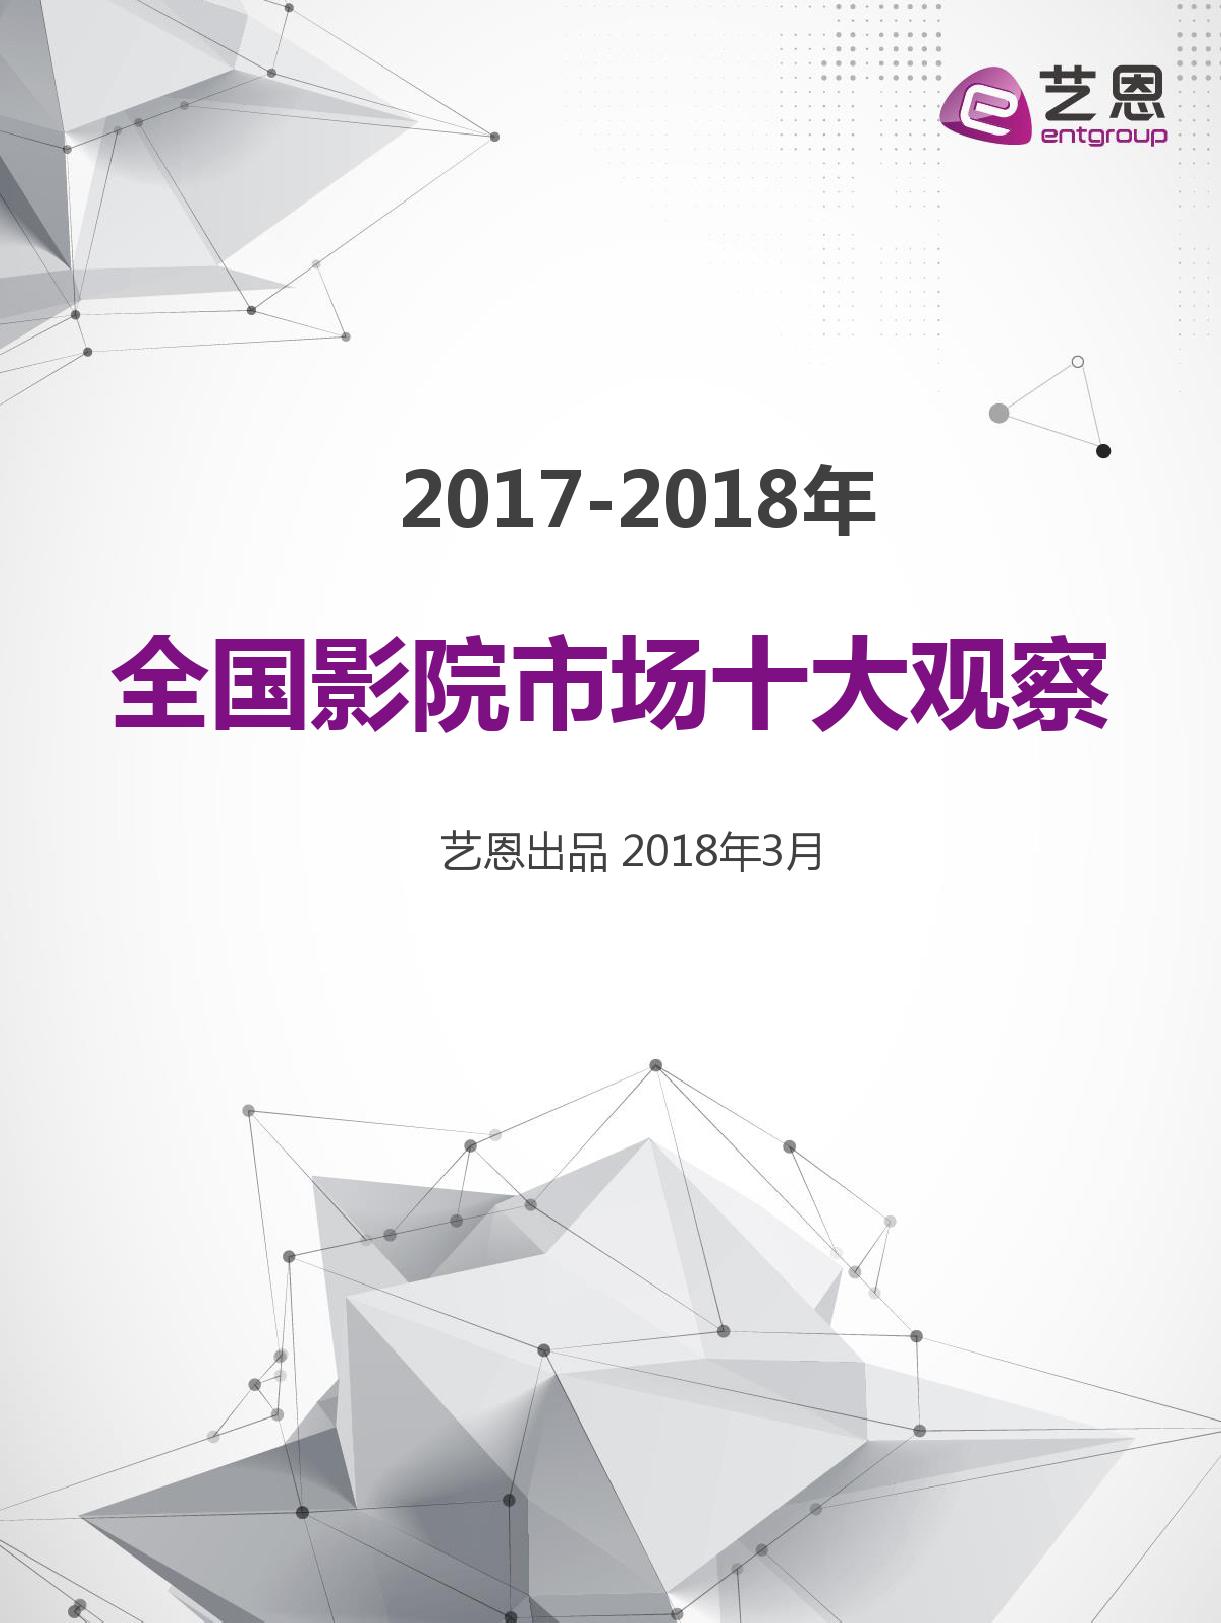 艺恩咨询:2017年-2018年全国影院市场十大观察(附下载)